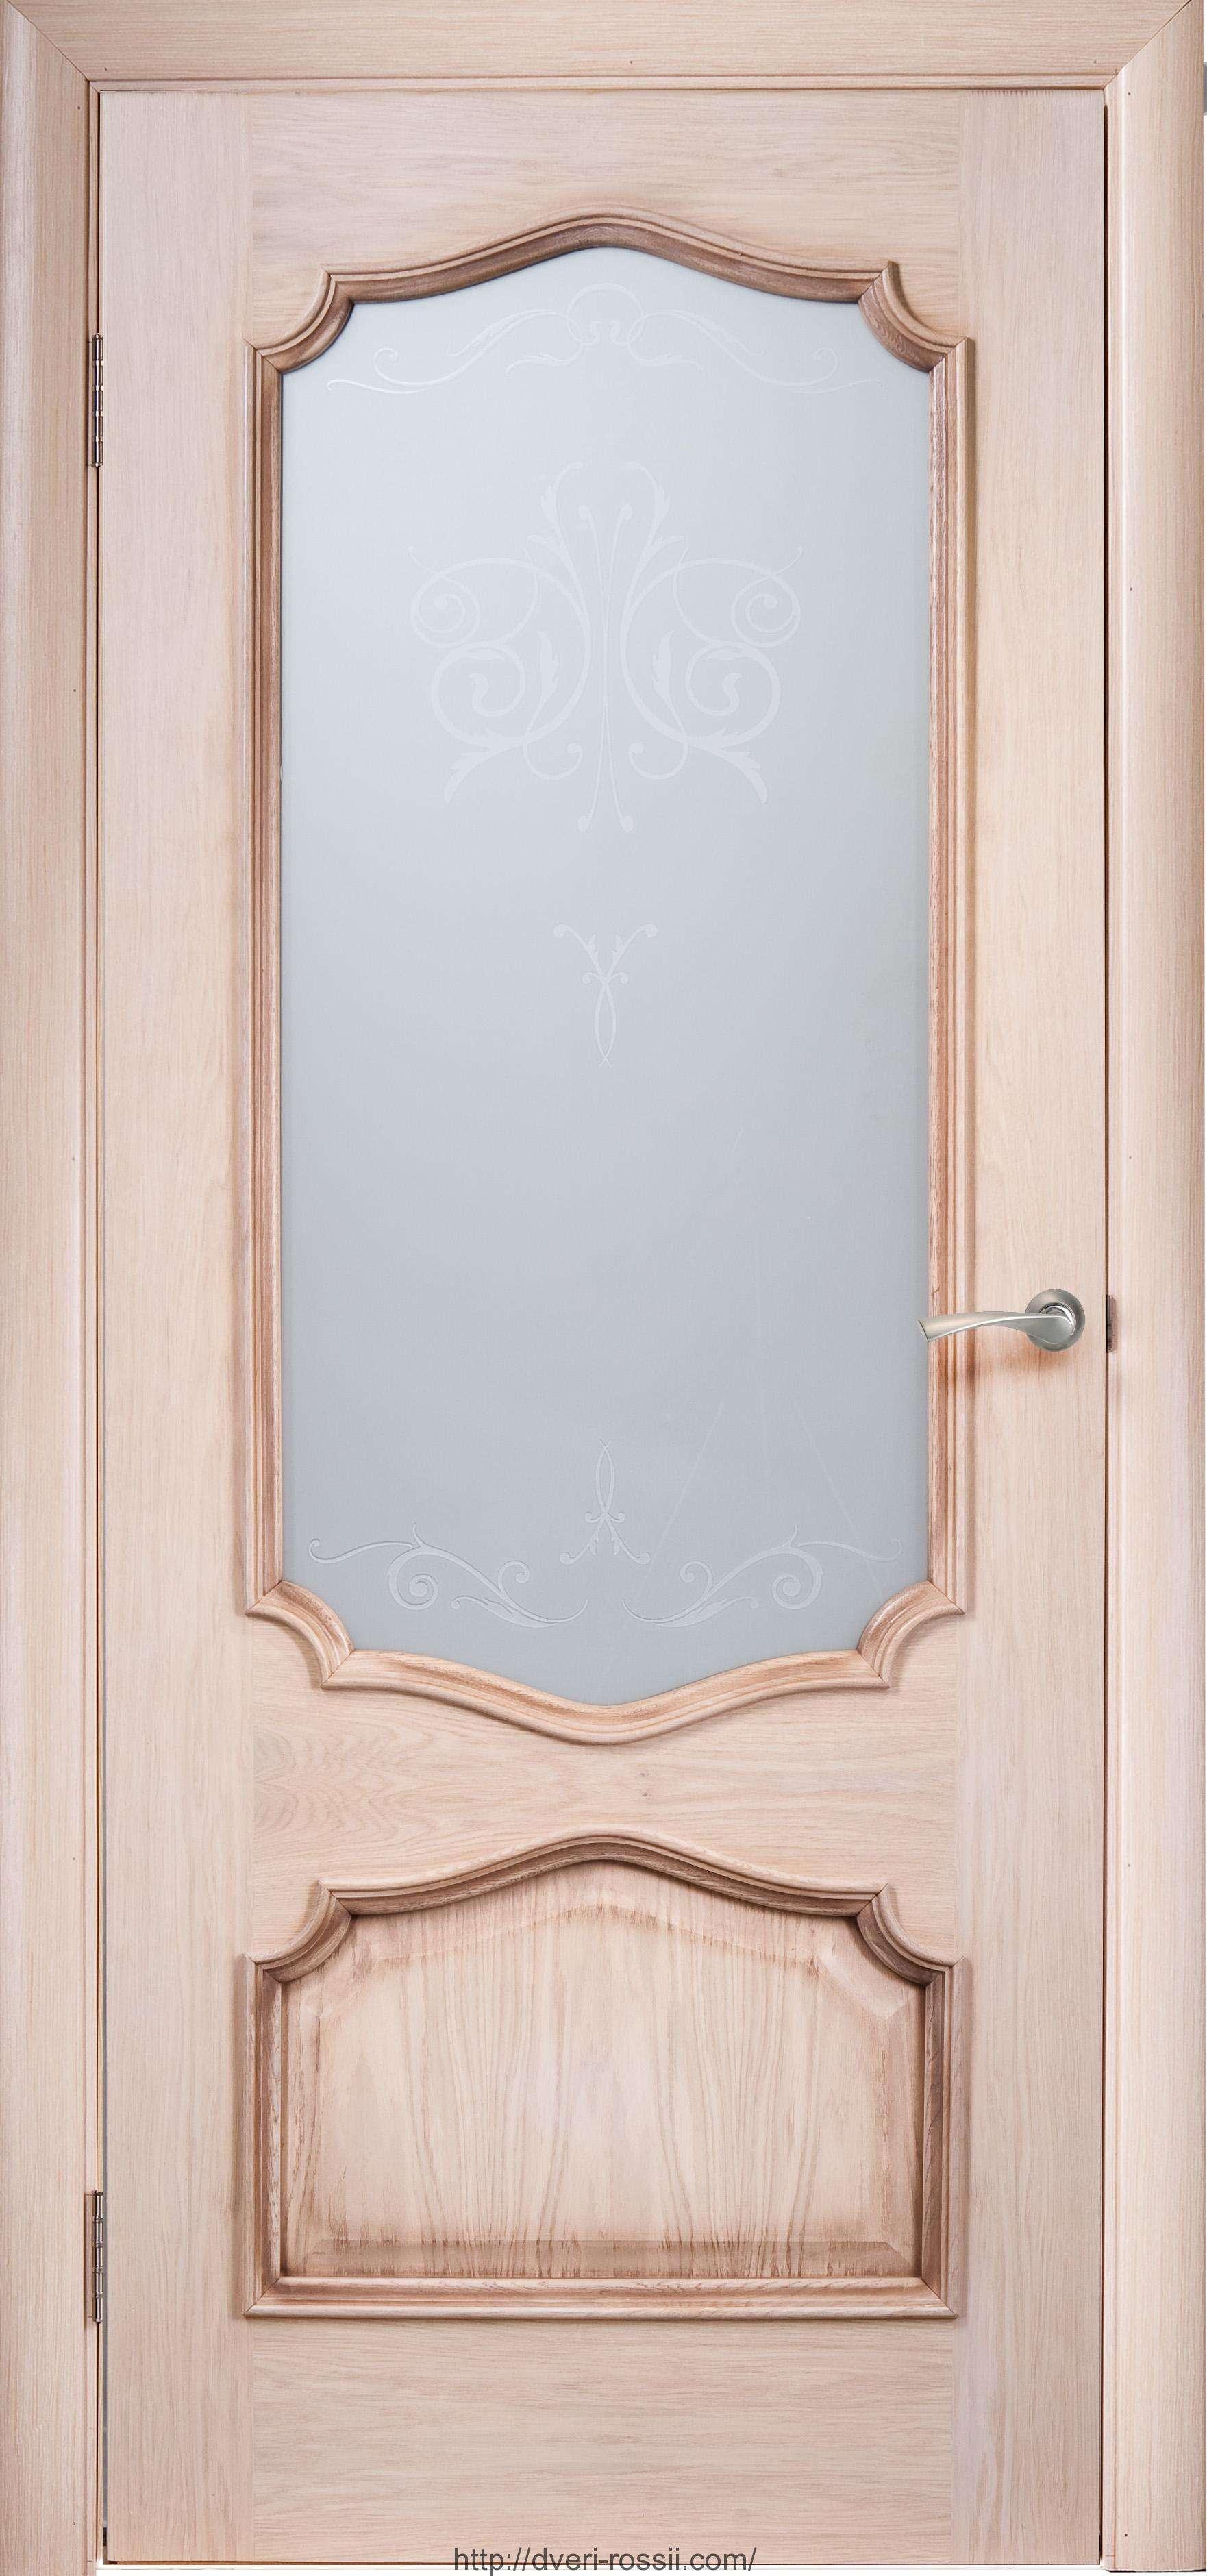 Купить шпонированные межкомнатные двери фабрики Александрия